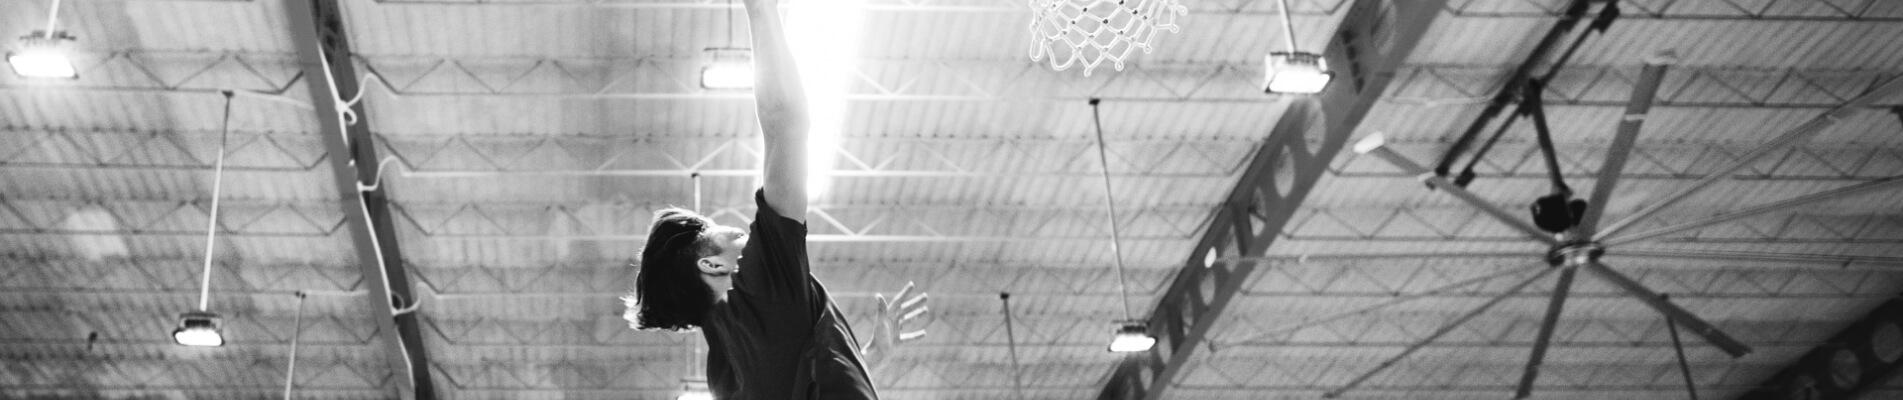 ¡Los beneficios del baloncesto y el piso de tartán para niños!